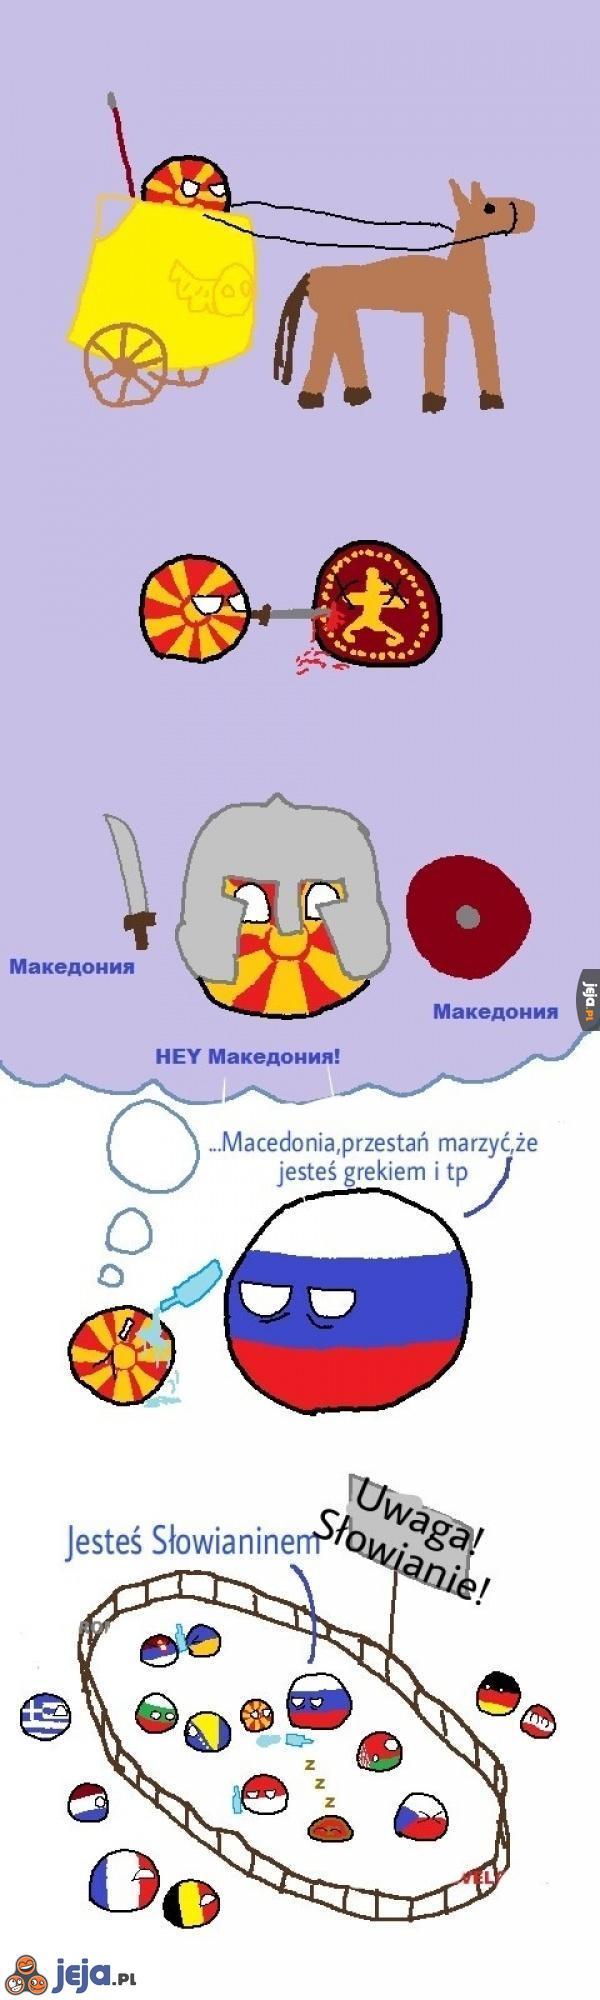 Pochodzenie Macedonii